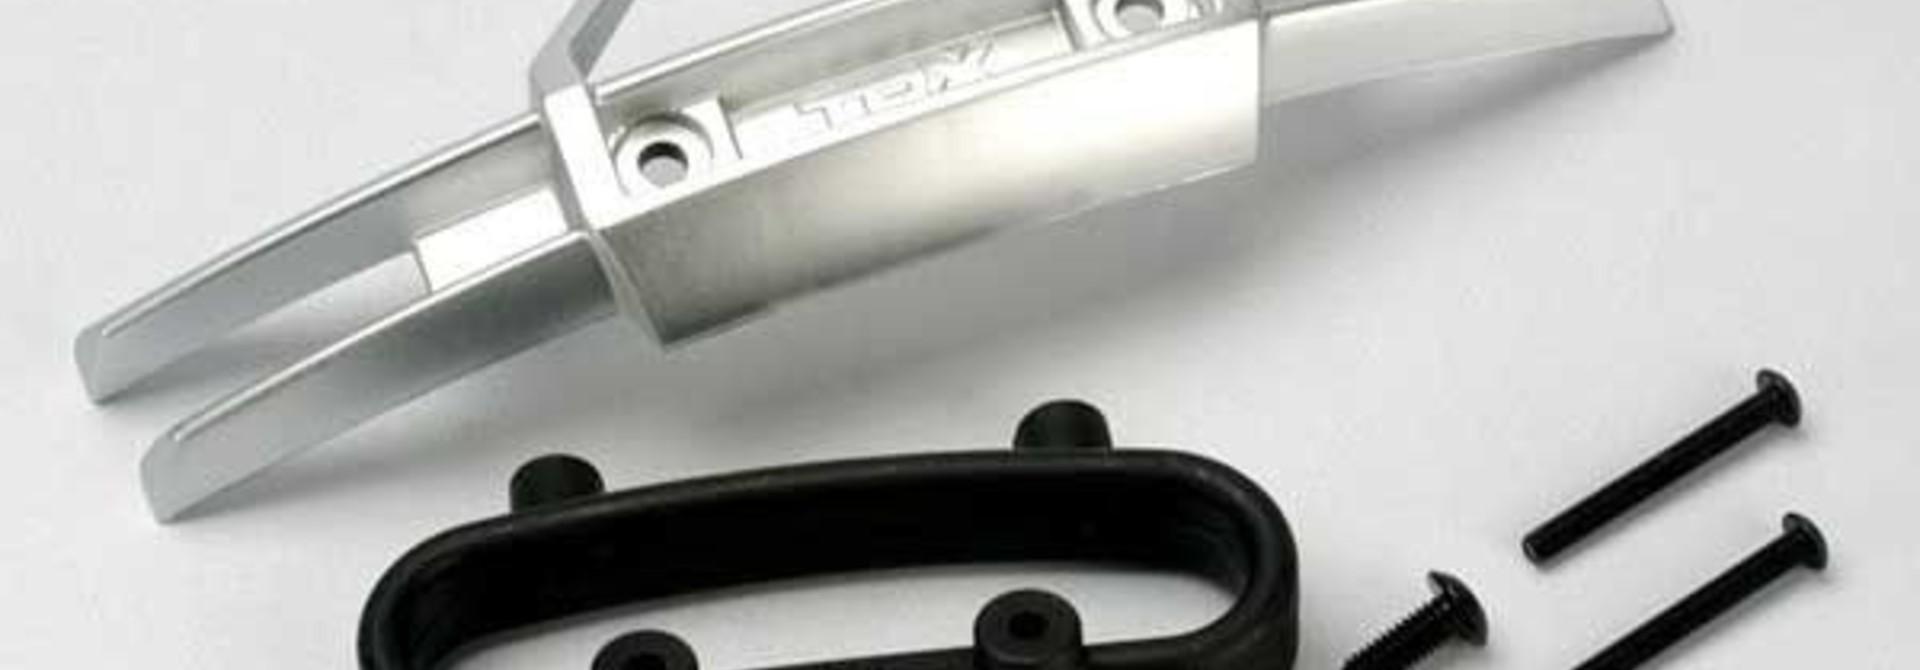 Bumper, front/ bumper mount, front/ 4x10mm BCS (2)/ 3x25mm B, TRX5335